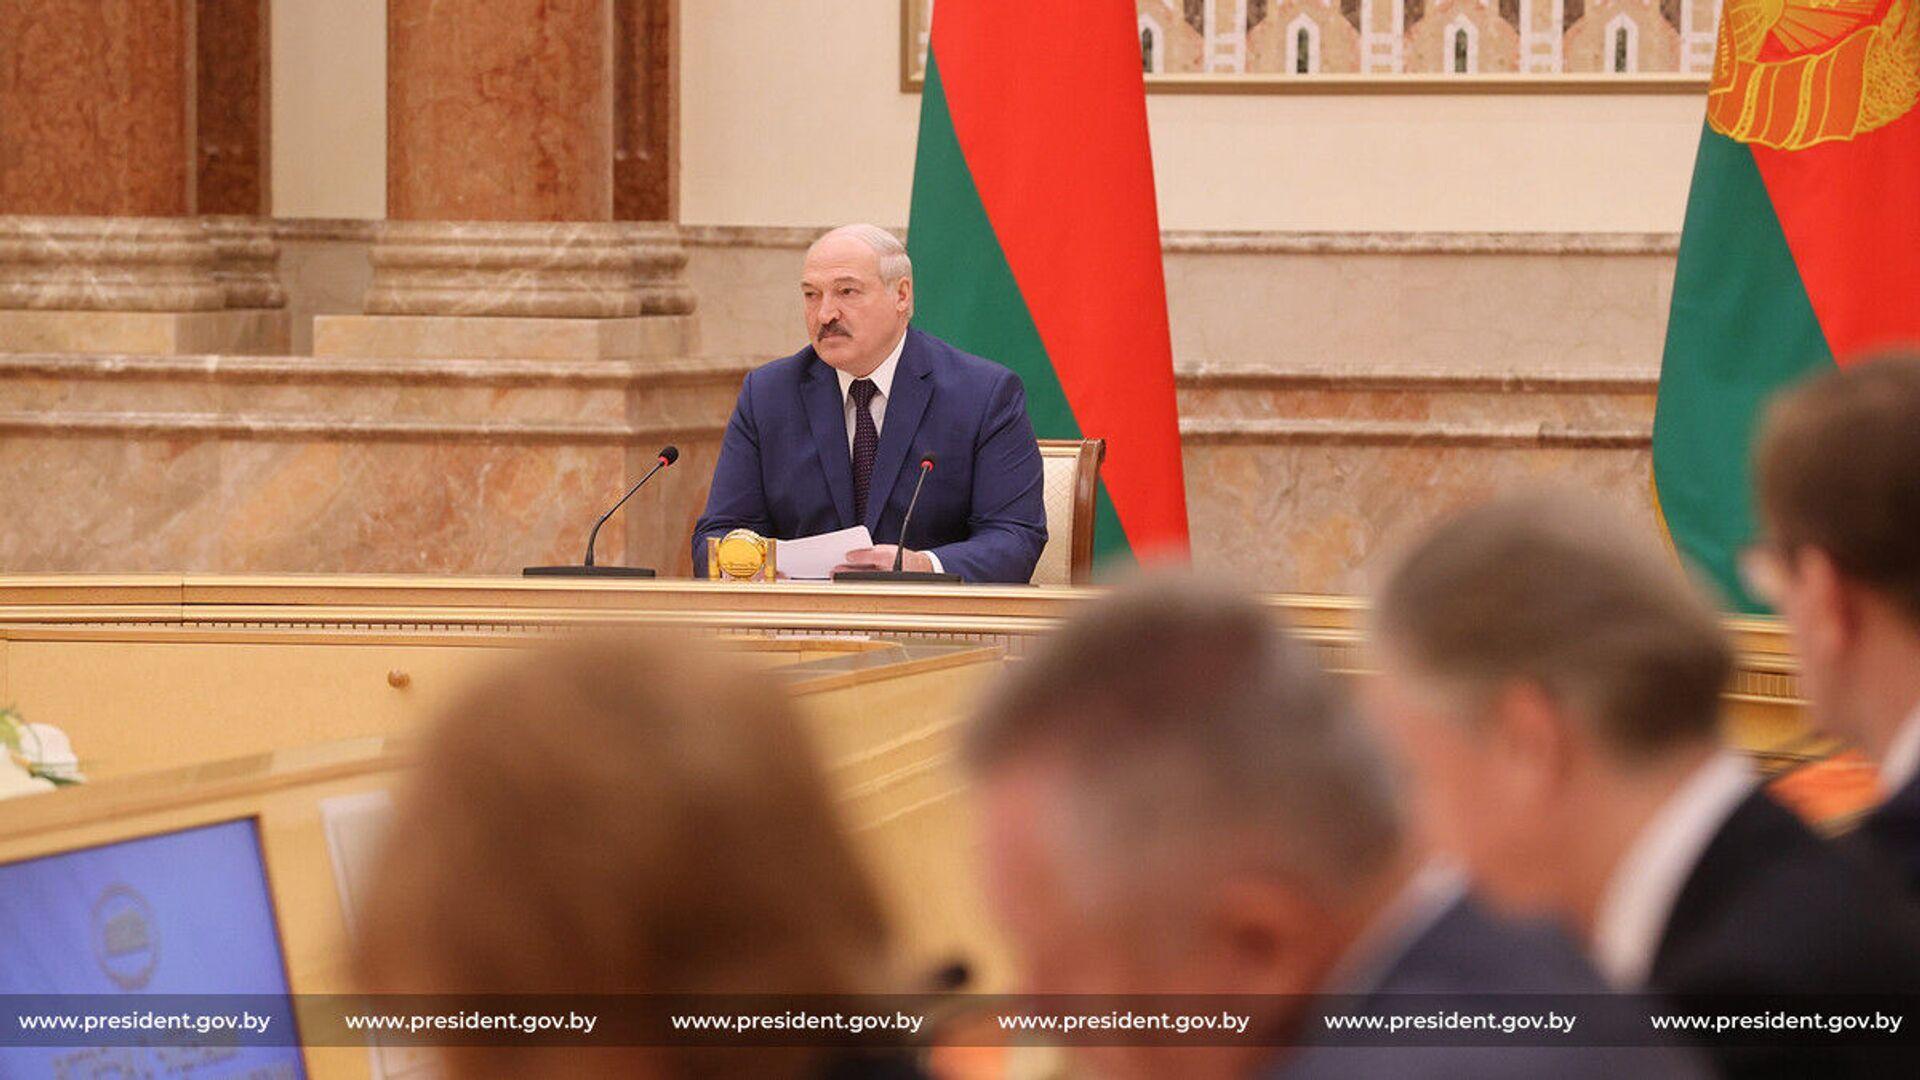 Prezydent Białorusi Alaksandr Łukaszenka podczas spotkania z członkami Komisji Konstytucyjnej - Sputnik Polska, 1920, 15.03.2021